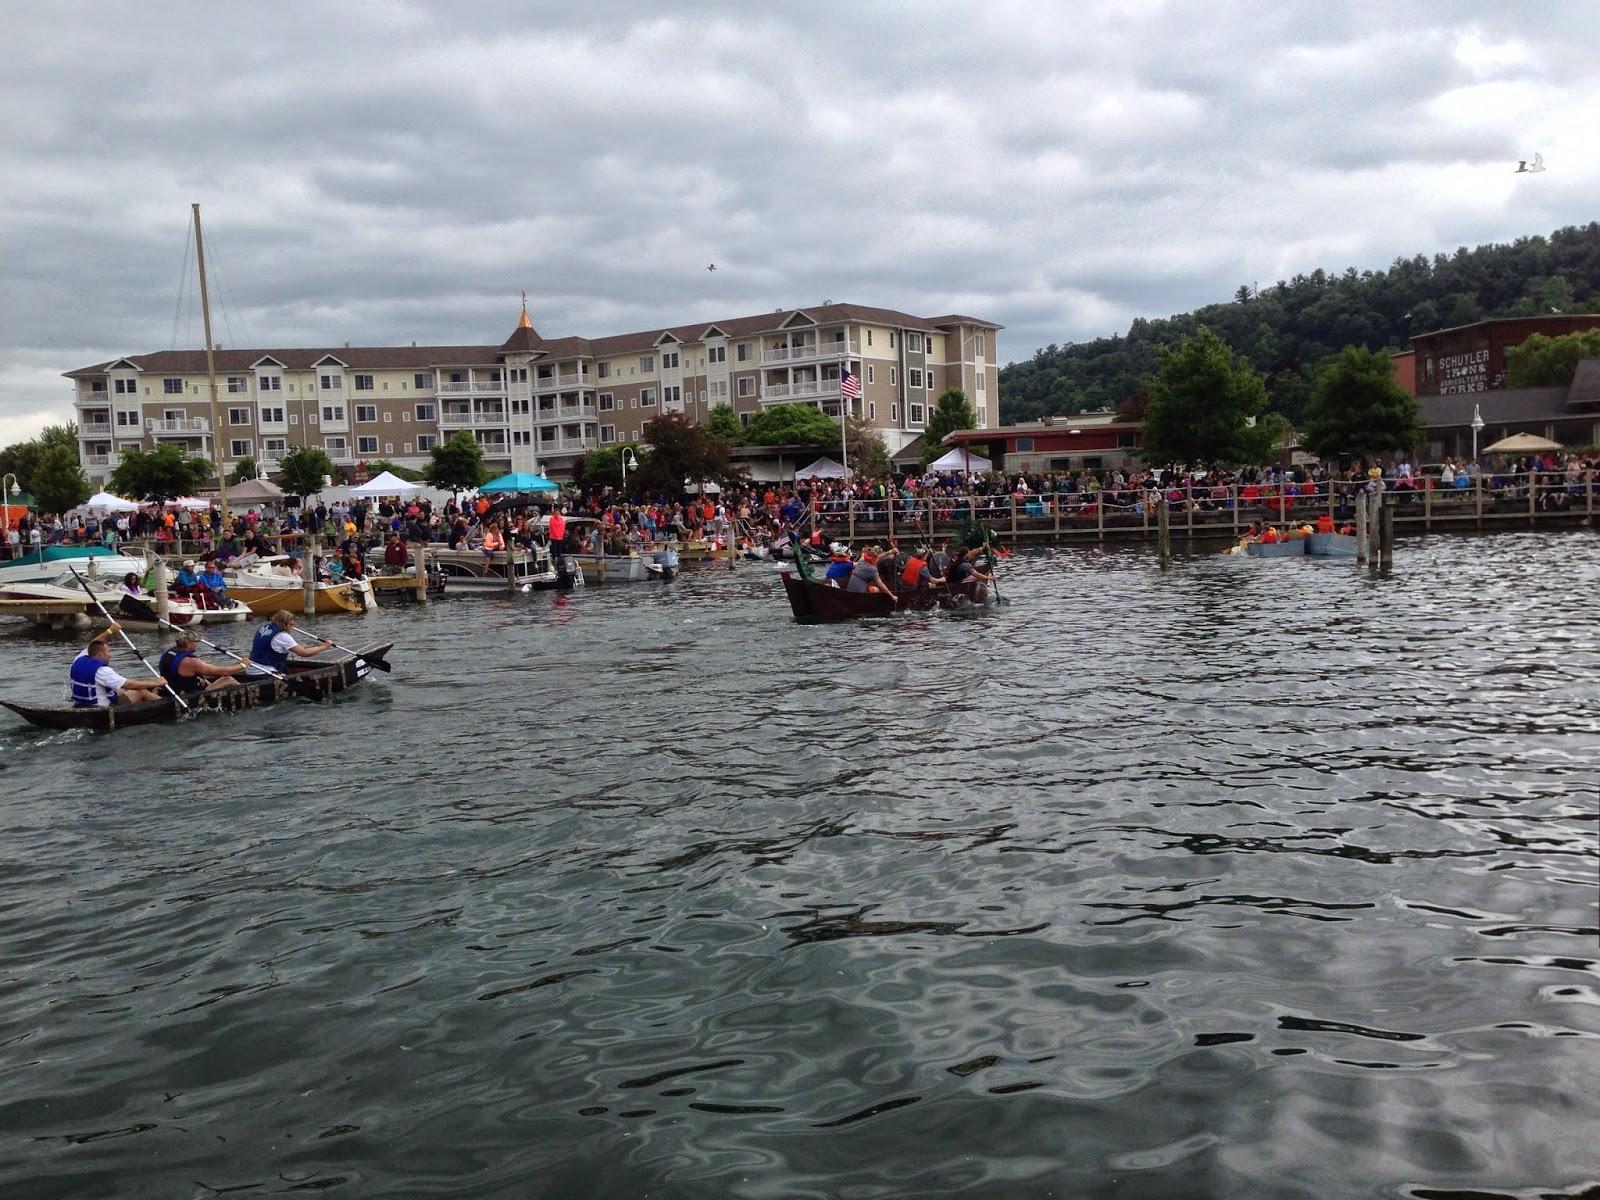 Watkins Glen Waterfront Festival Cardboard Boat Regatta 2014